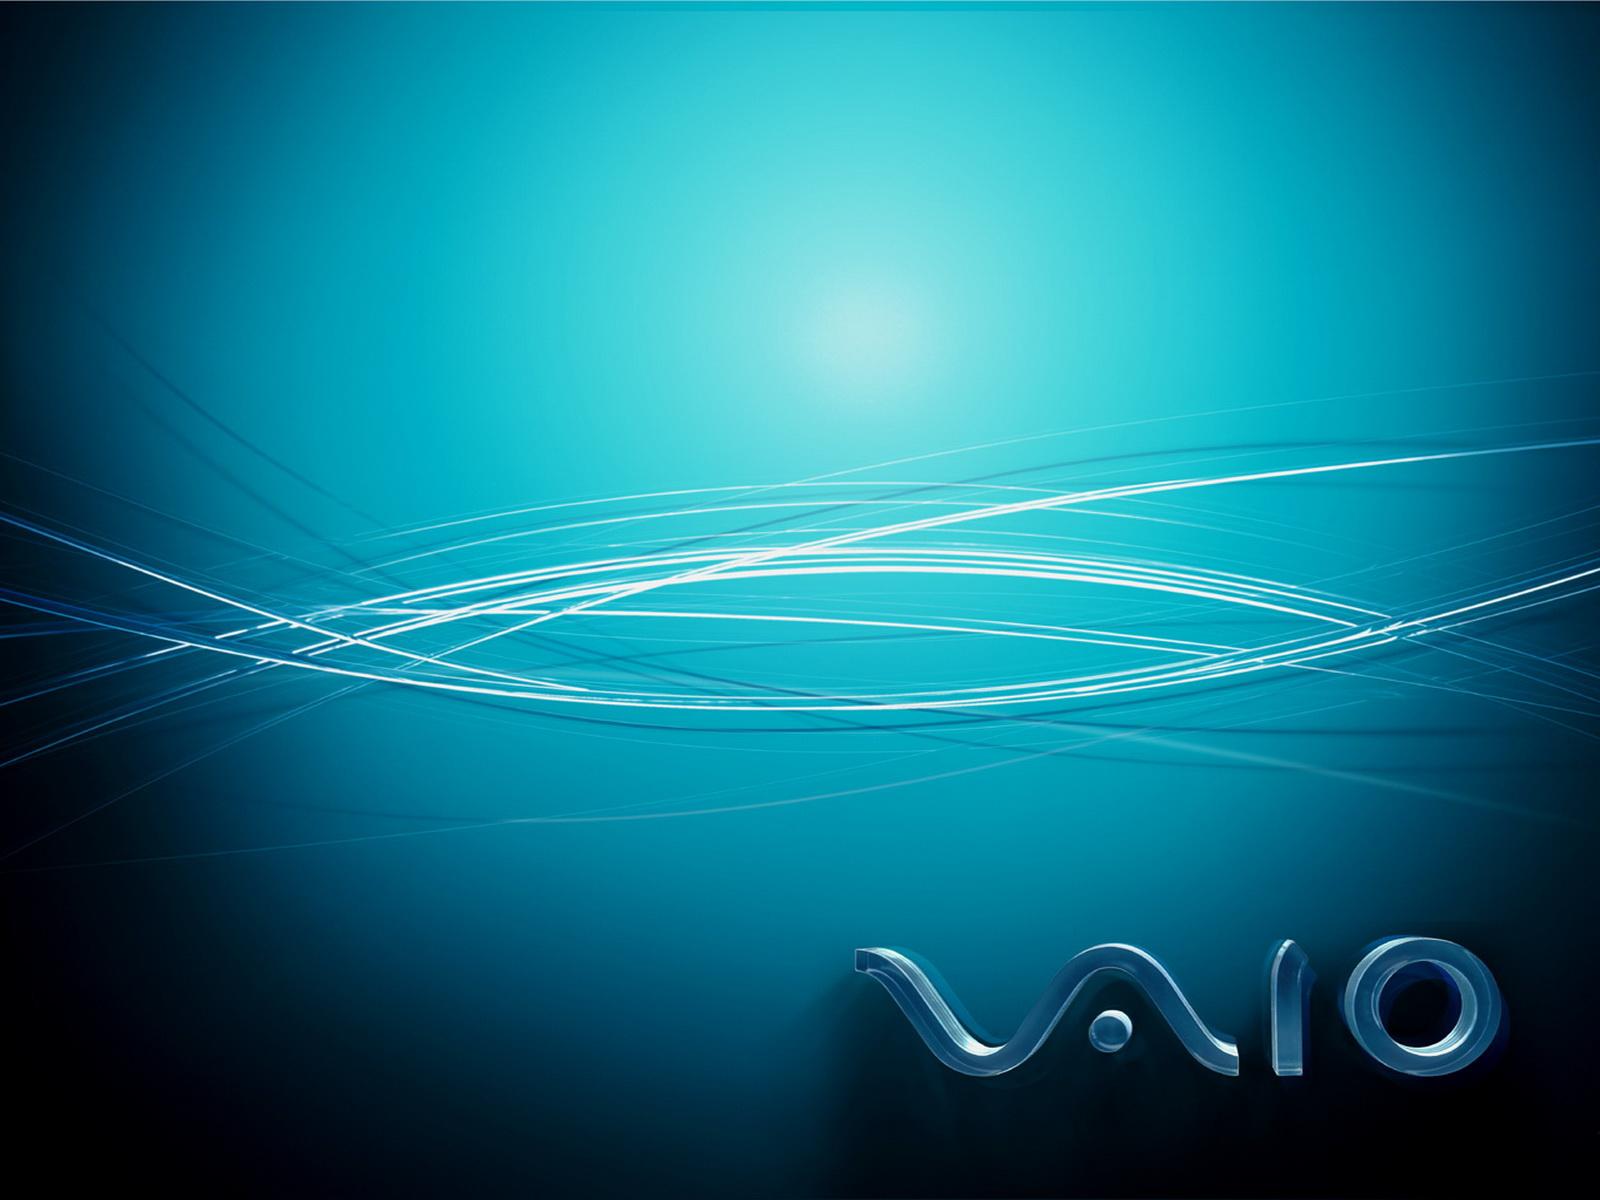 http://3.bp.blogspot.com/-fKhJcmq1SR0/TkkJprGezNI/AAAAAAAAAVY/omUtM8Qw0Vg/s1600/Aqua-Vaio-Wallpaper.jpg